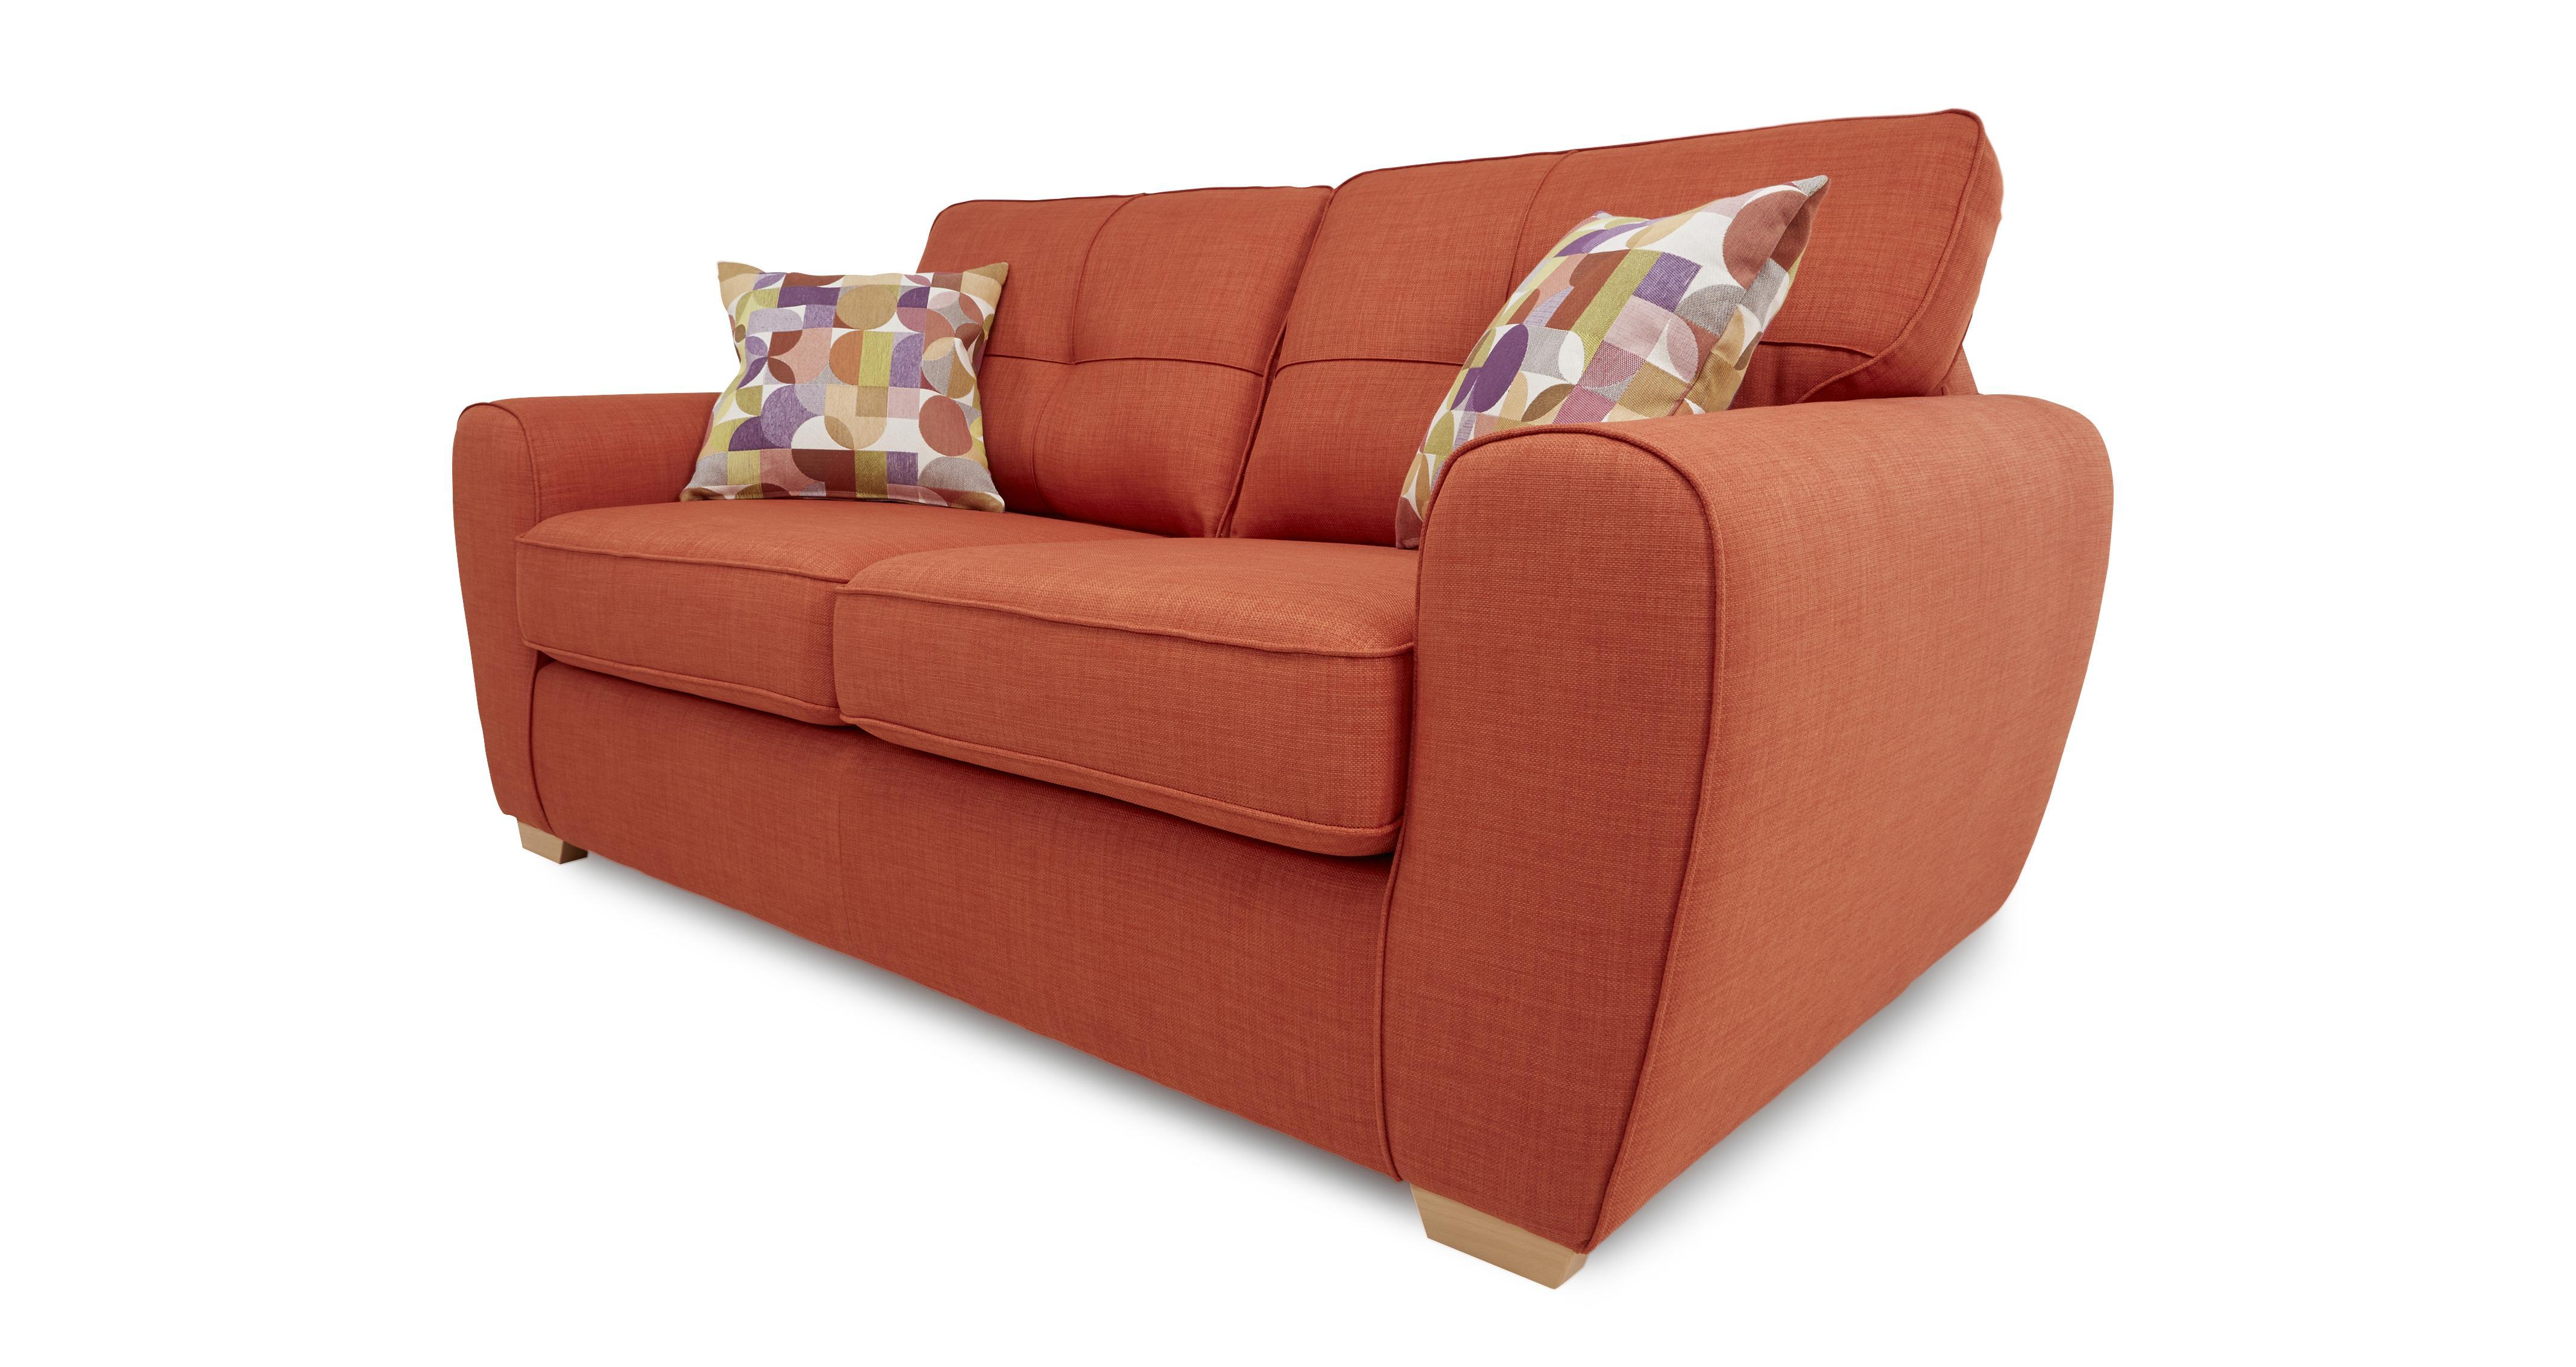 DFS Corona Orange Fabric Sofa Set Inc 2 Seater Sofa Bed